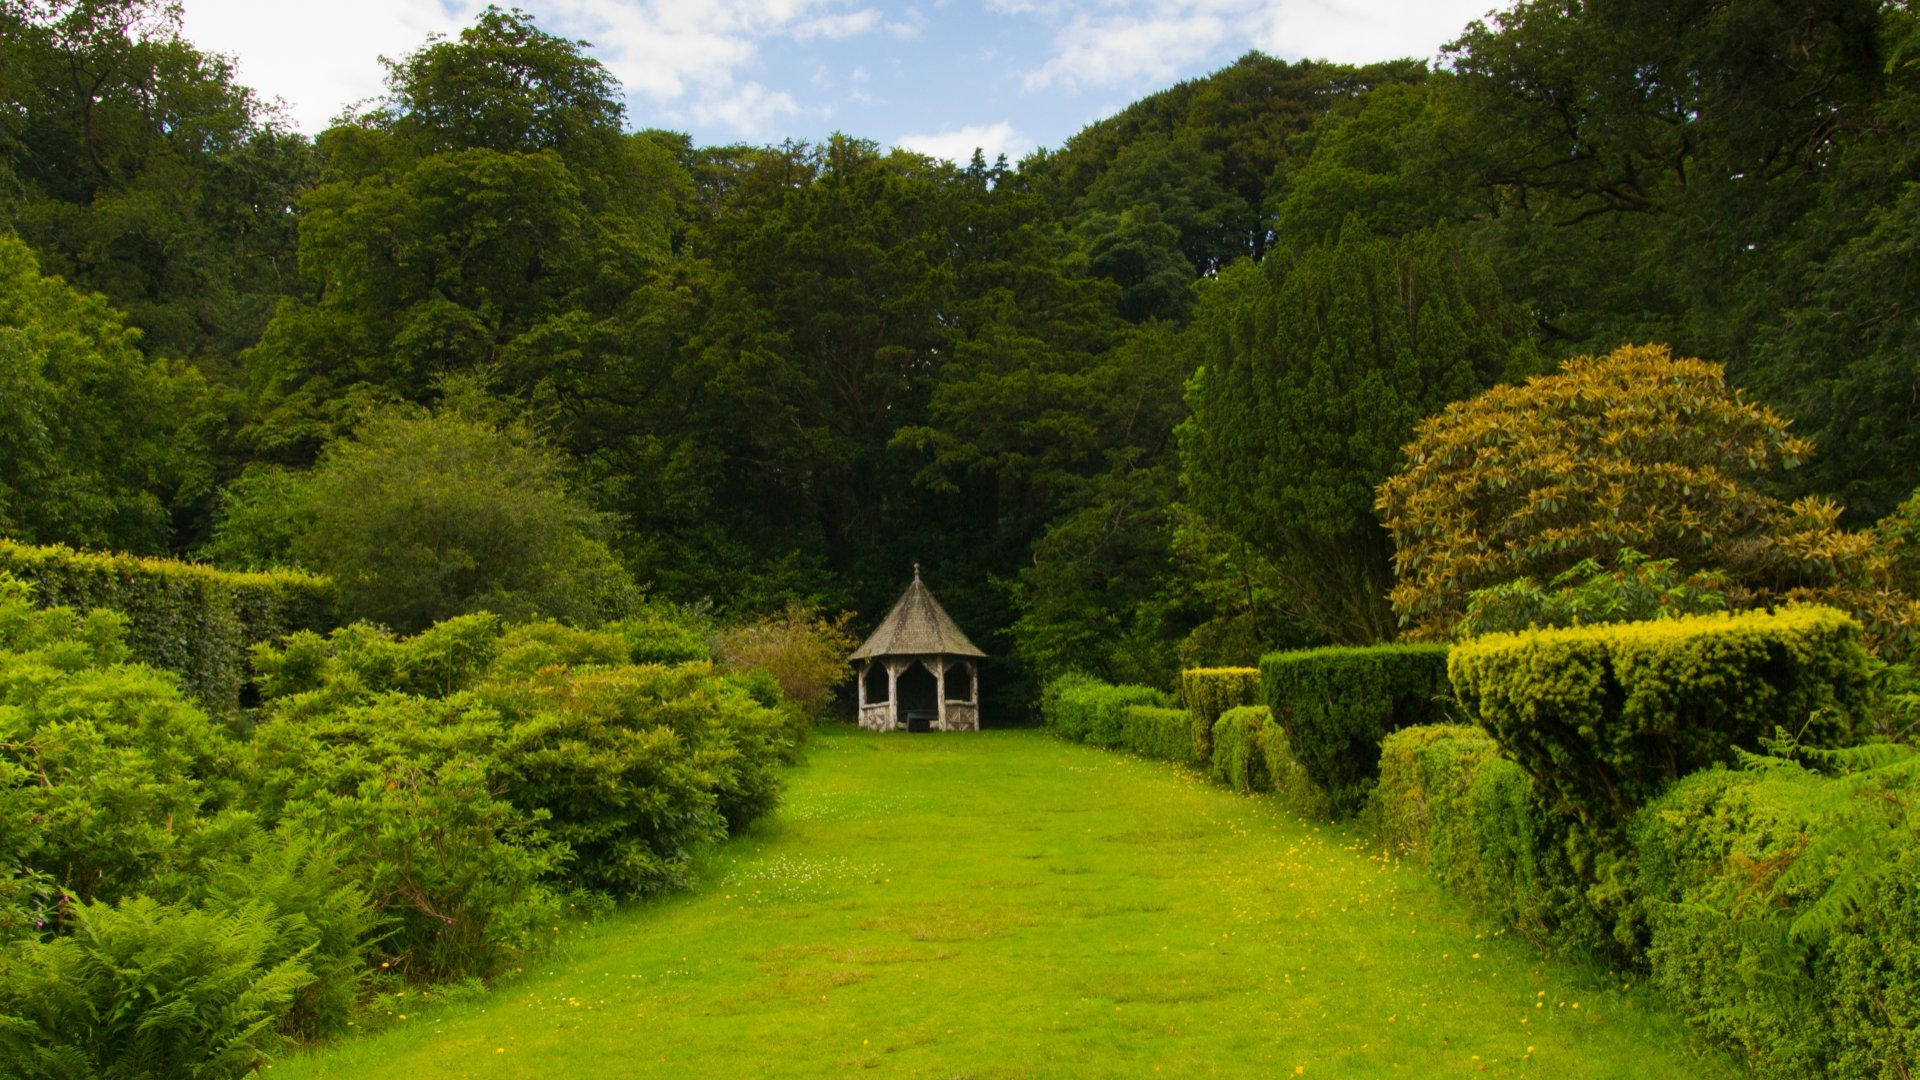 Best Garden Wallpaper Id   Garden Hq 118992   HD Wallpaper Download 1920x1080